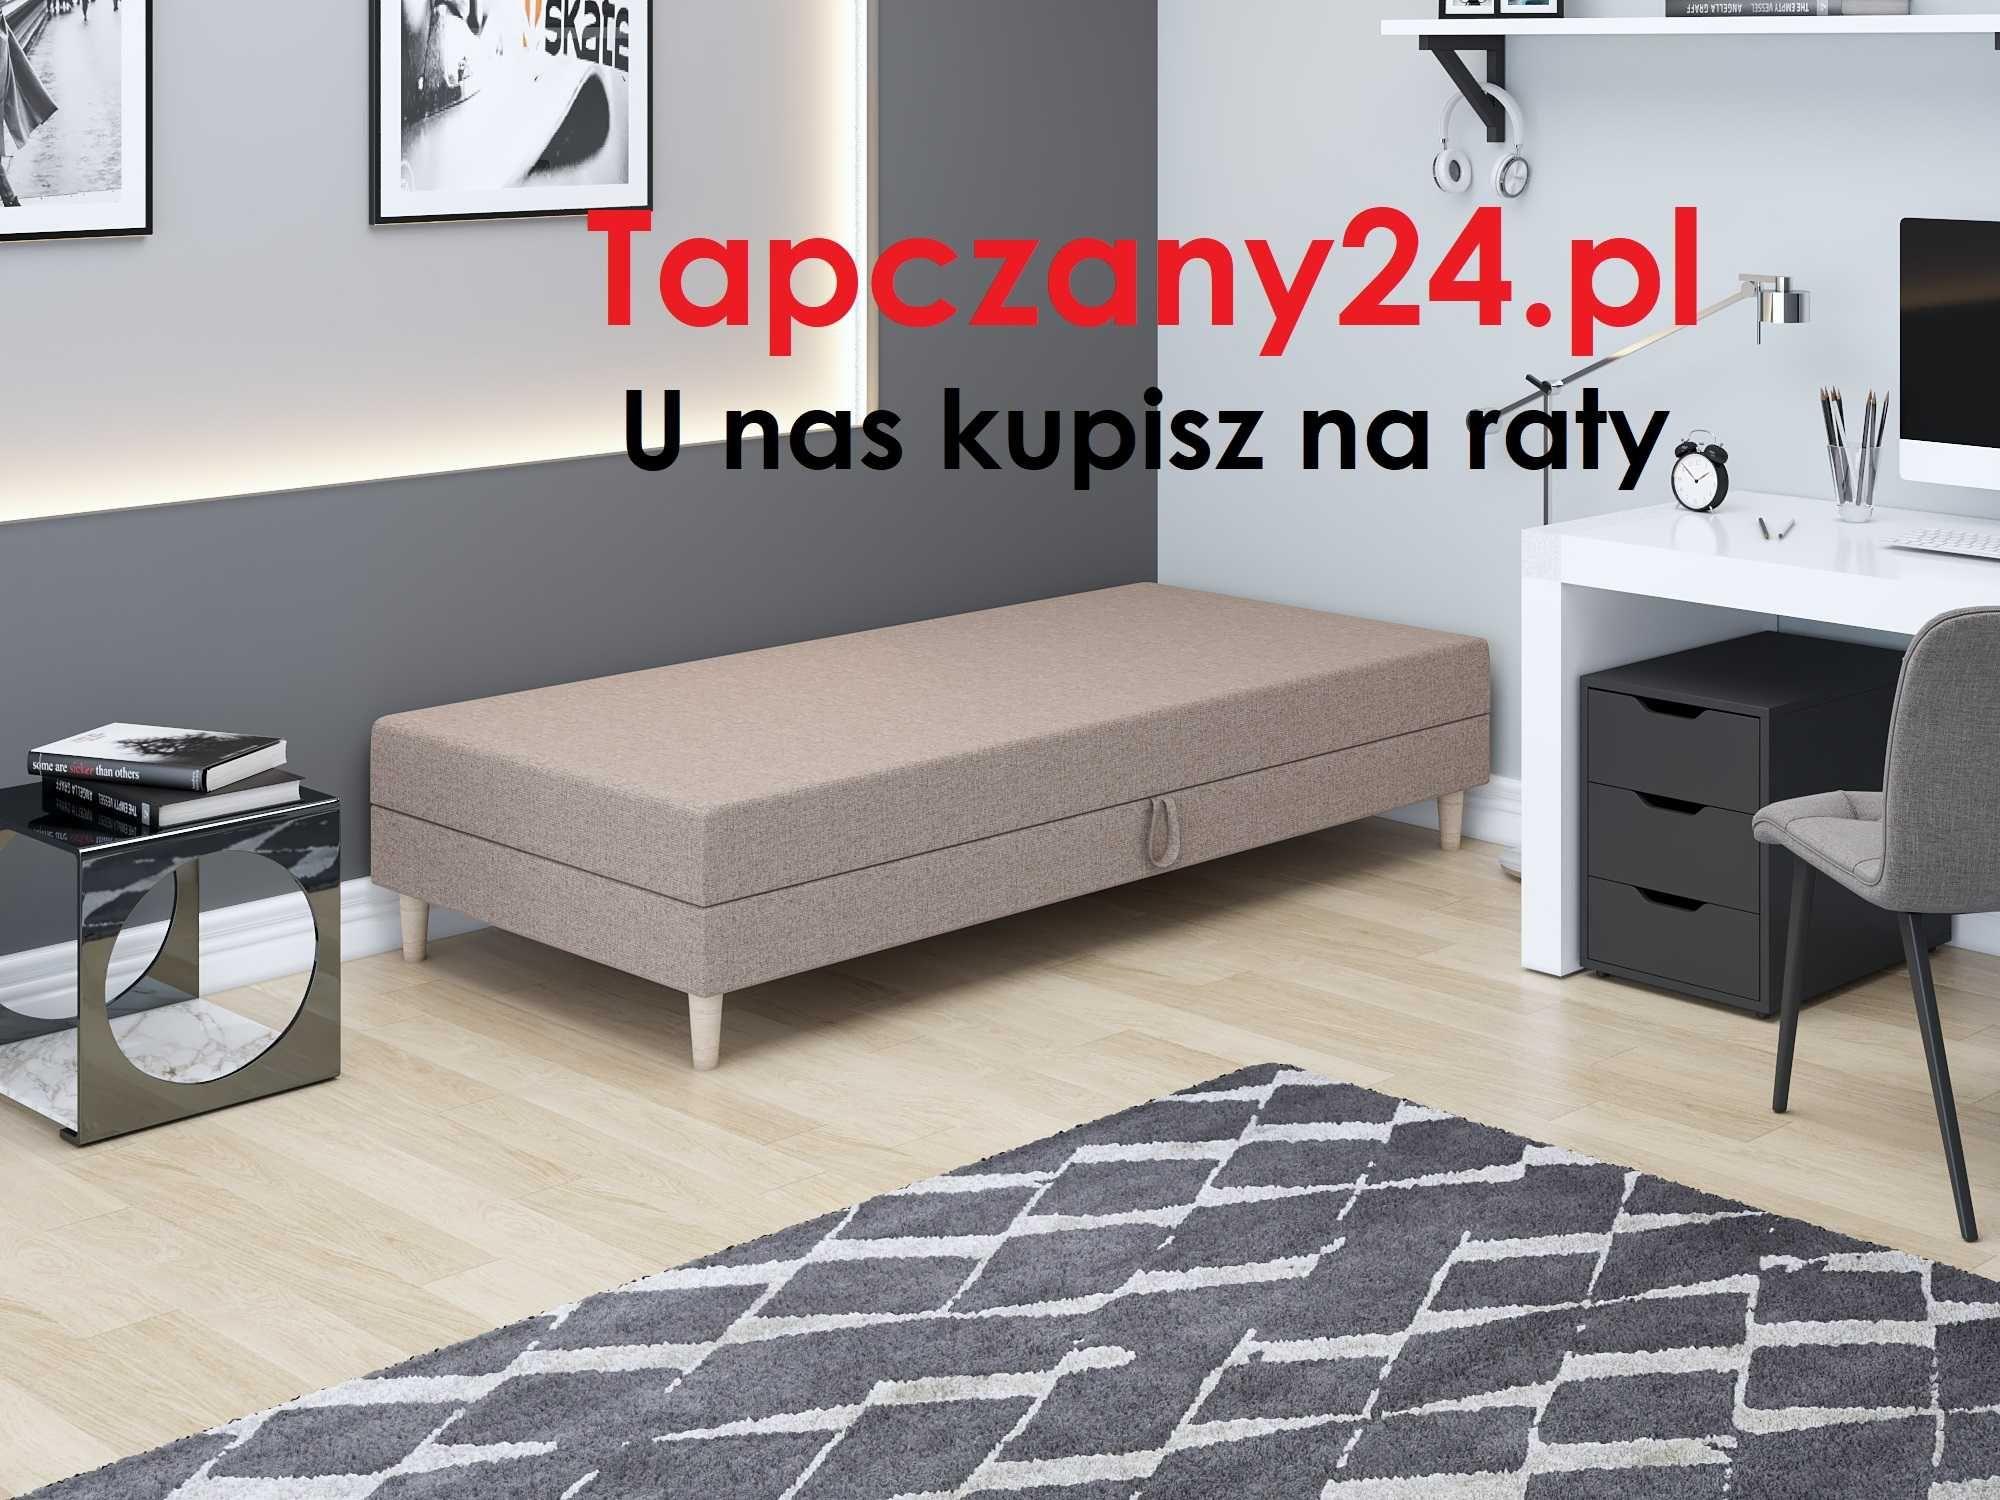 Łóżko młodzieżowe jednoosobowe dziecięce +materac +pojemnik